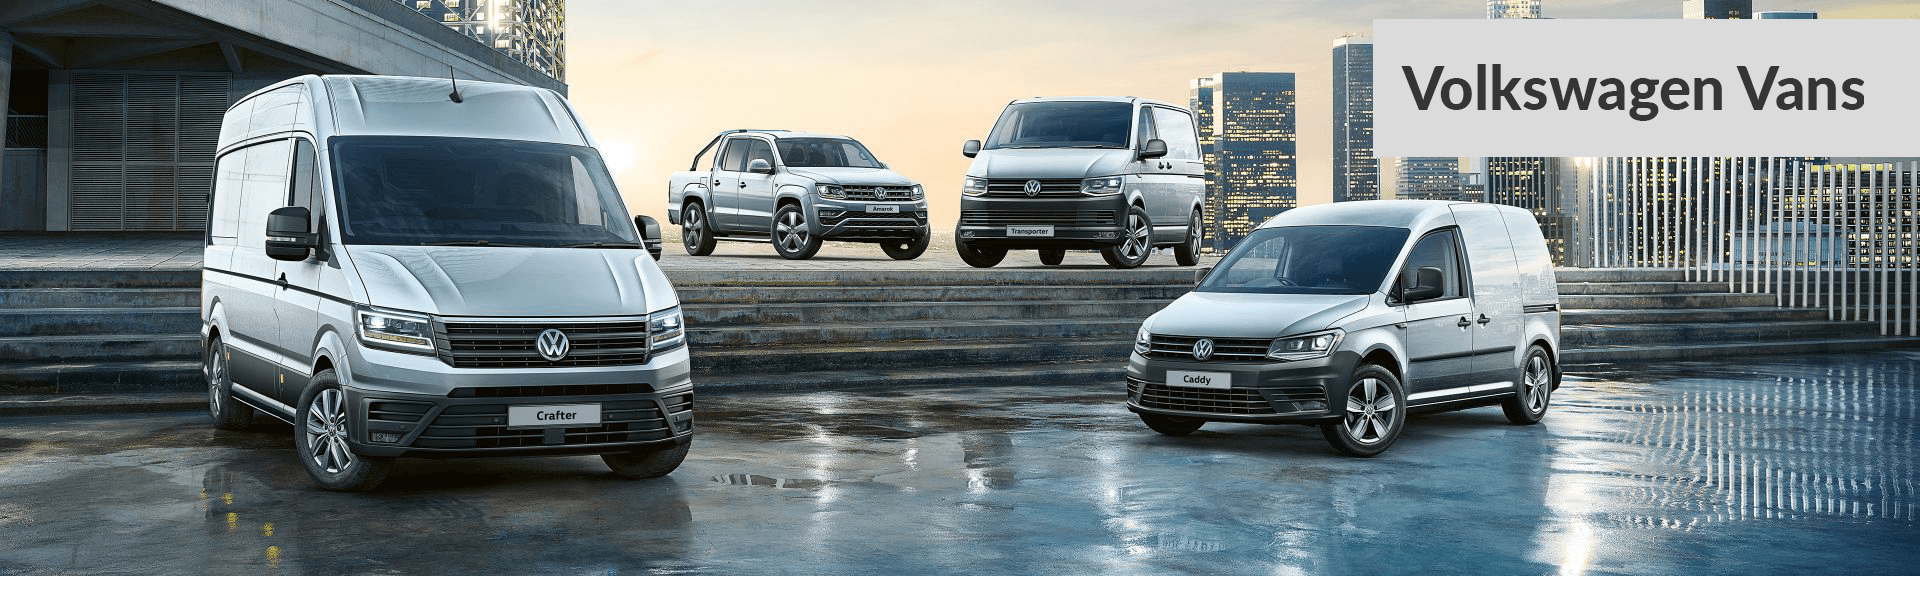 Volkswagen Vans Desktop